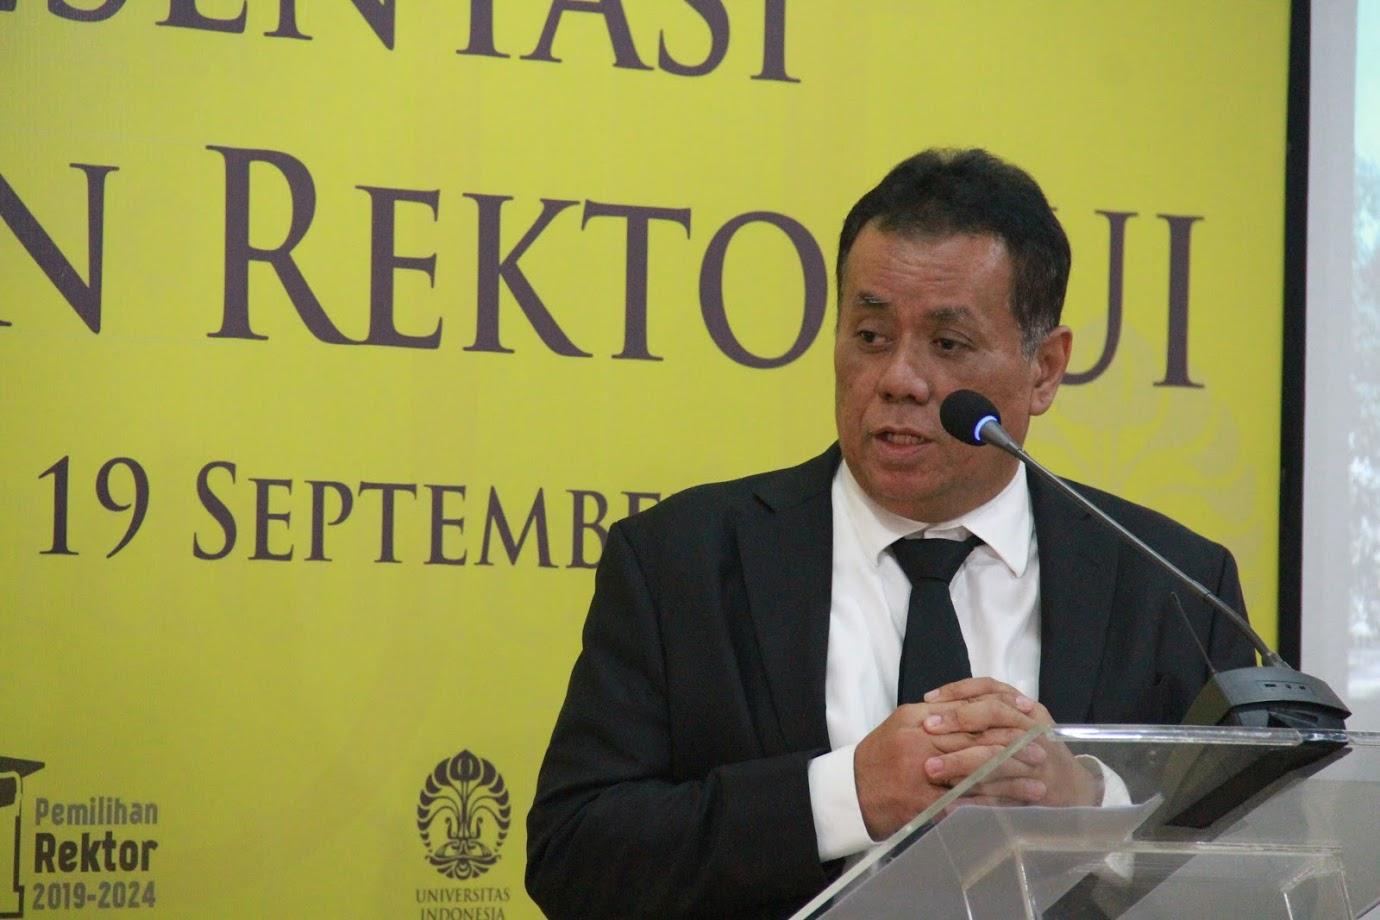 Terungkap! Sosok Rektor yang Panggil BEM UI Ternyata Sempat Jadi Komisaris Dua Bank Pemerintah